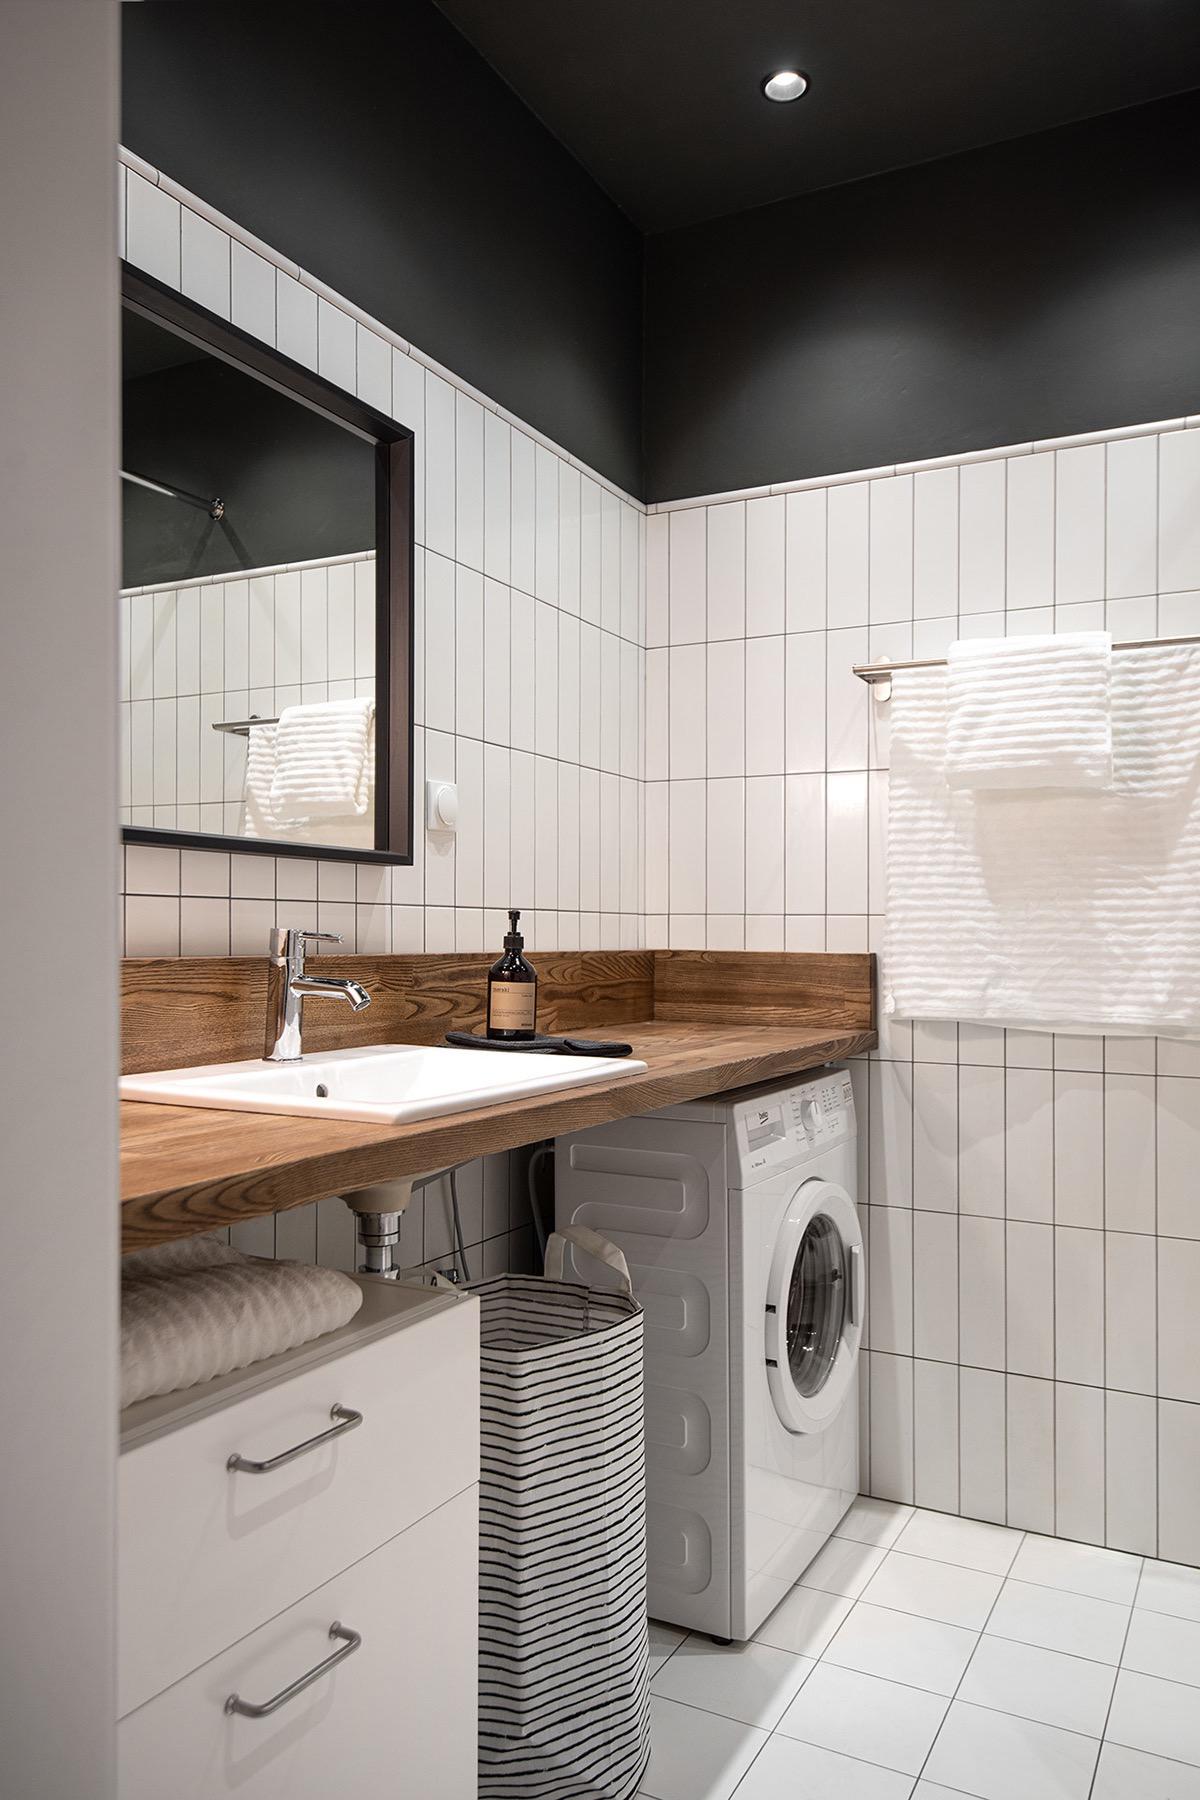 Phòng tắm và phòng giặt tích hợp gọn đẹp trong cùng một không gian.